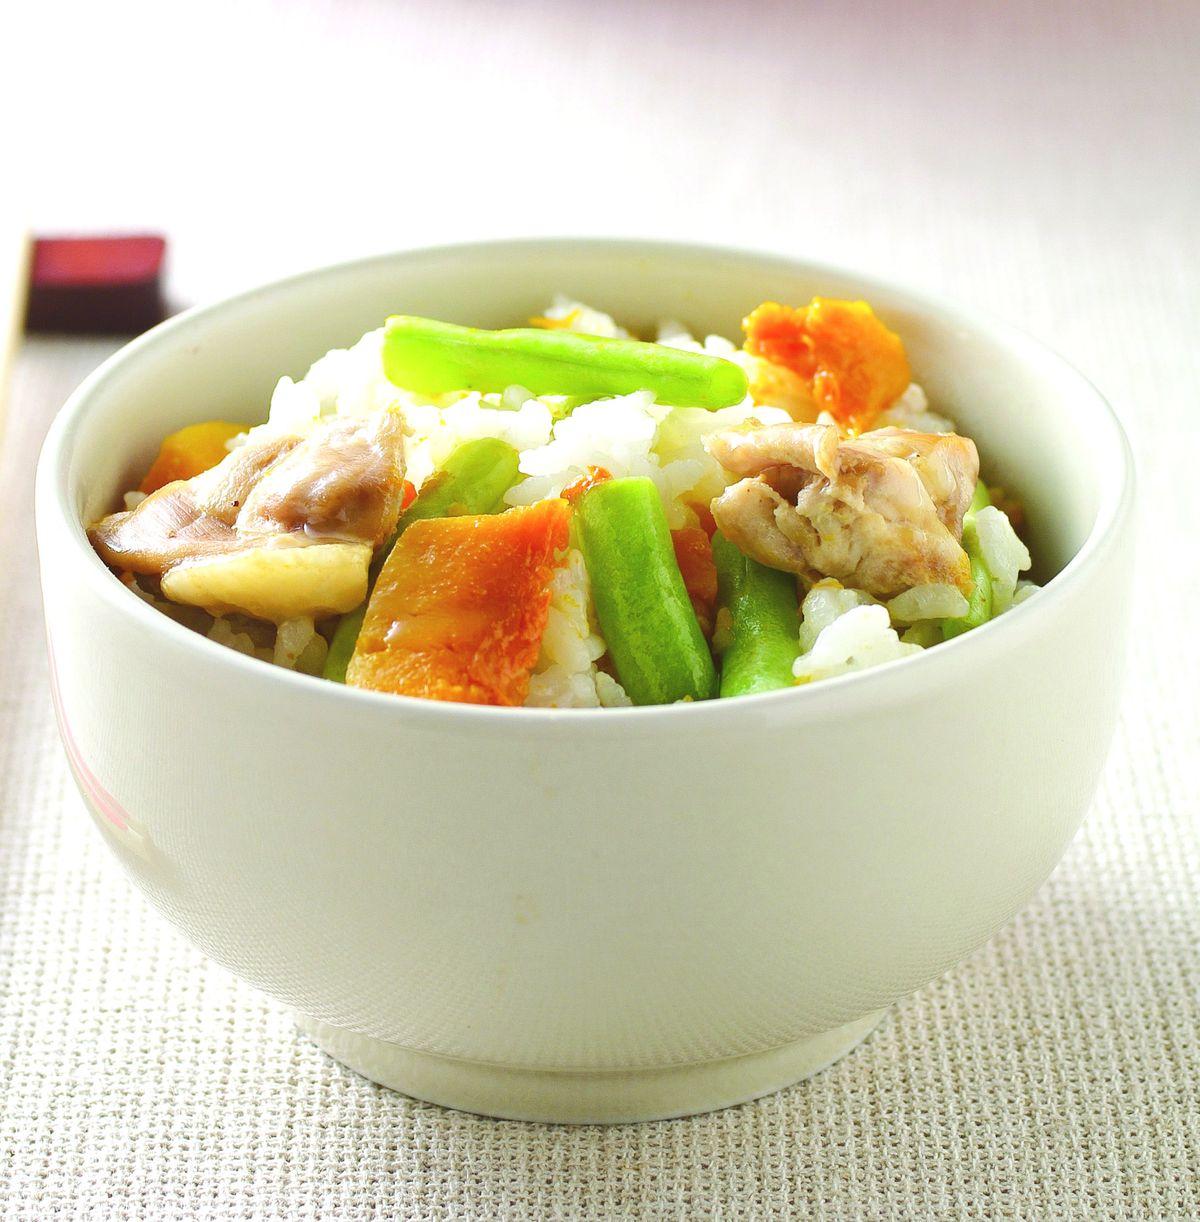 食譜:南瓜雞肉蔬菜飯